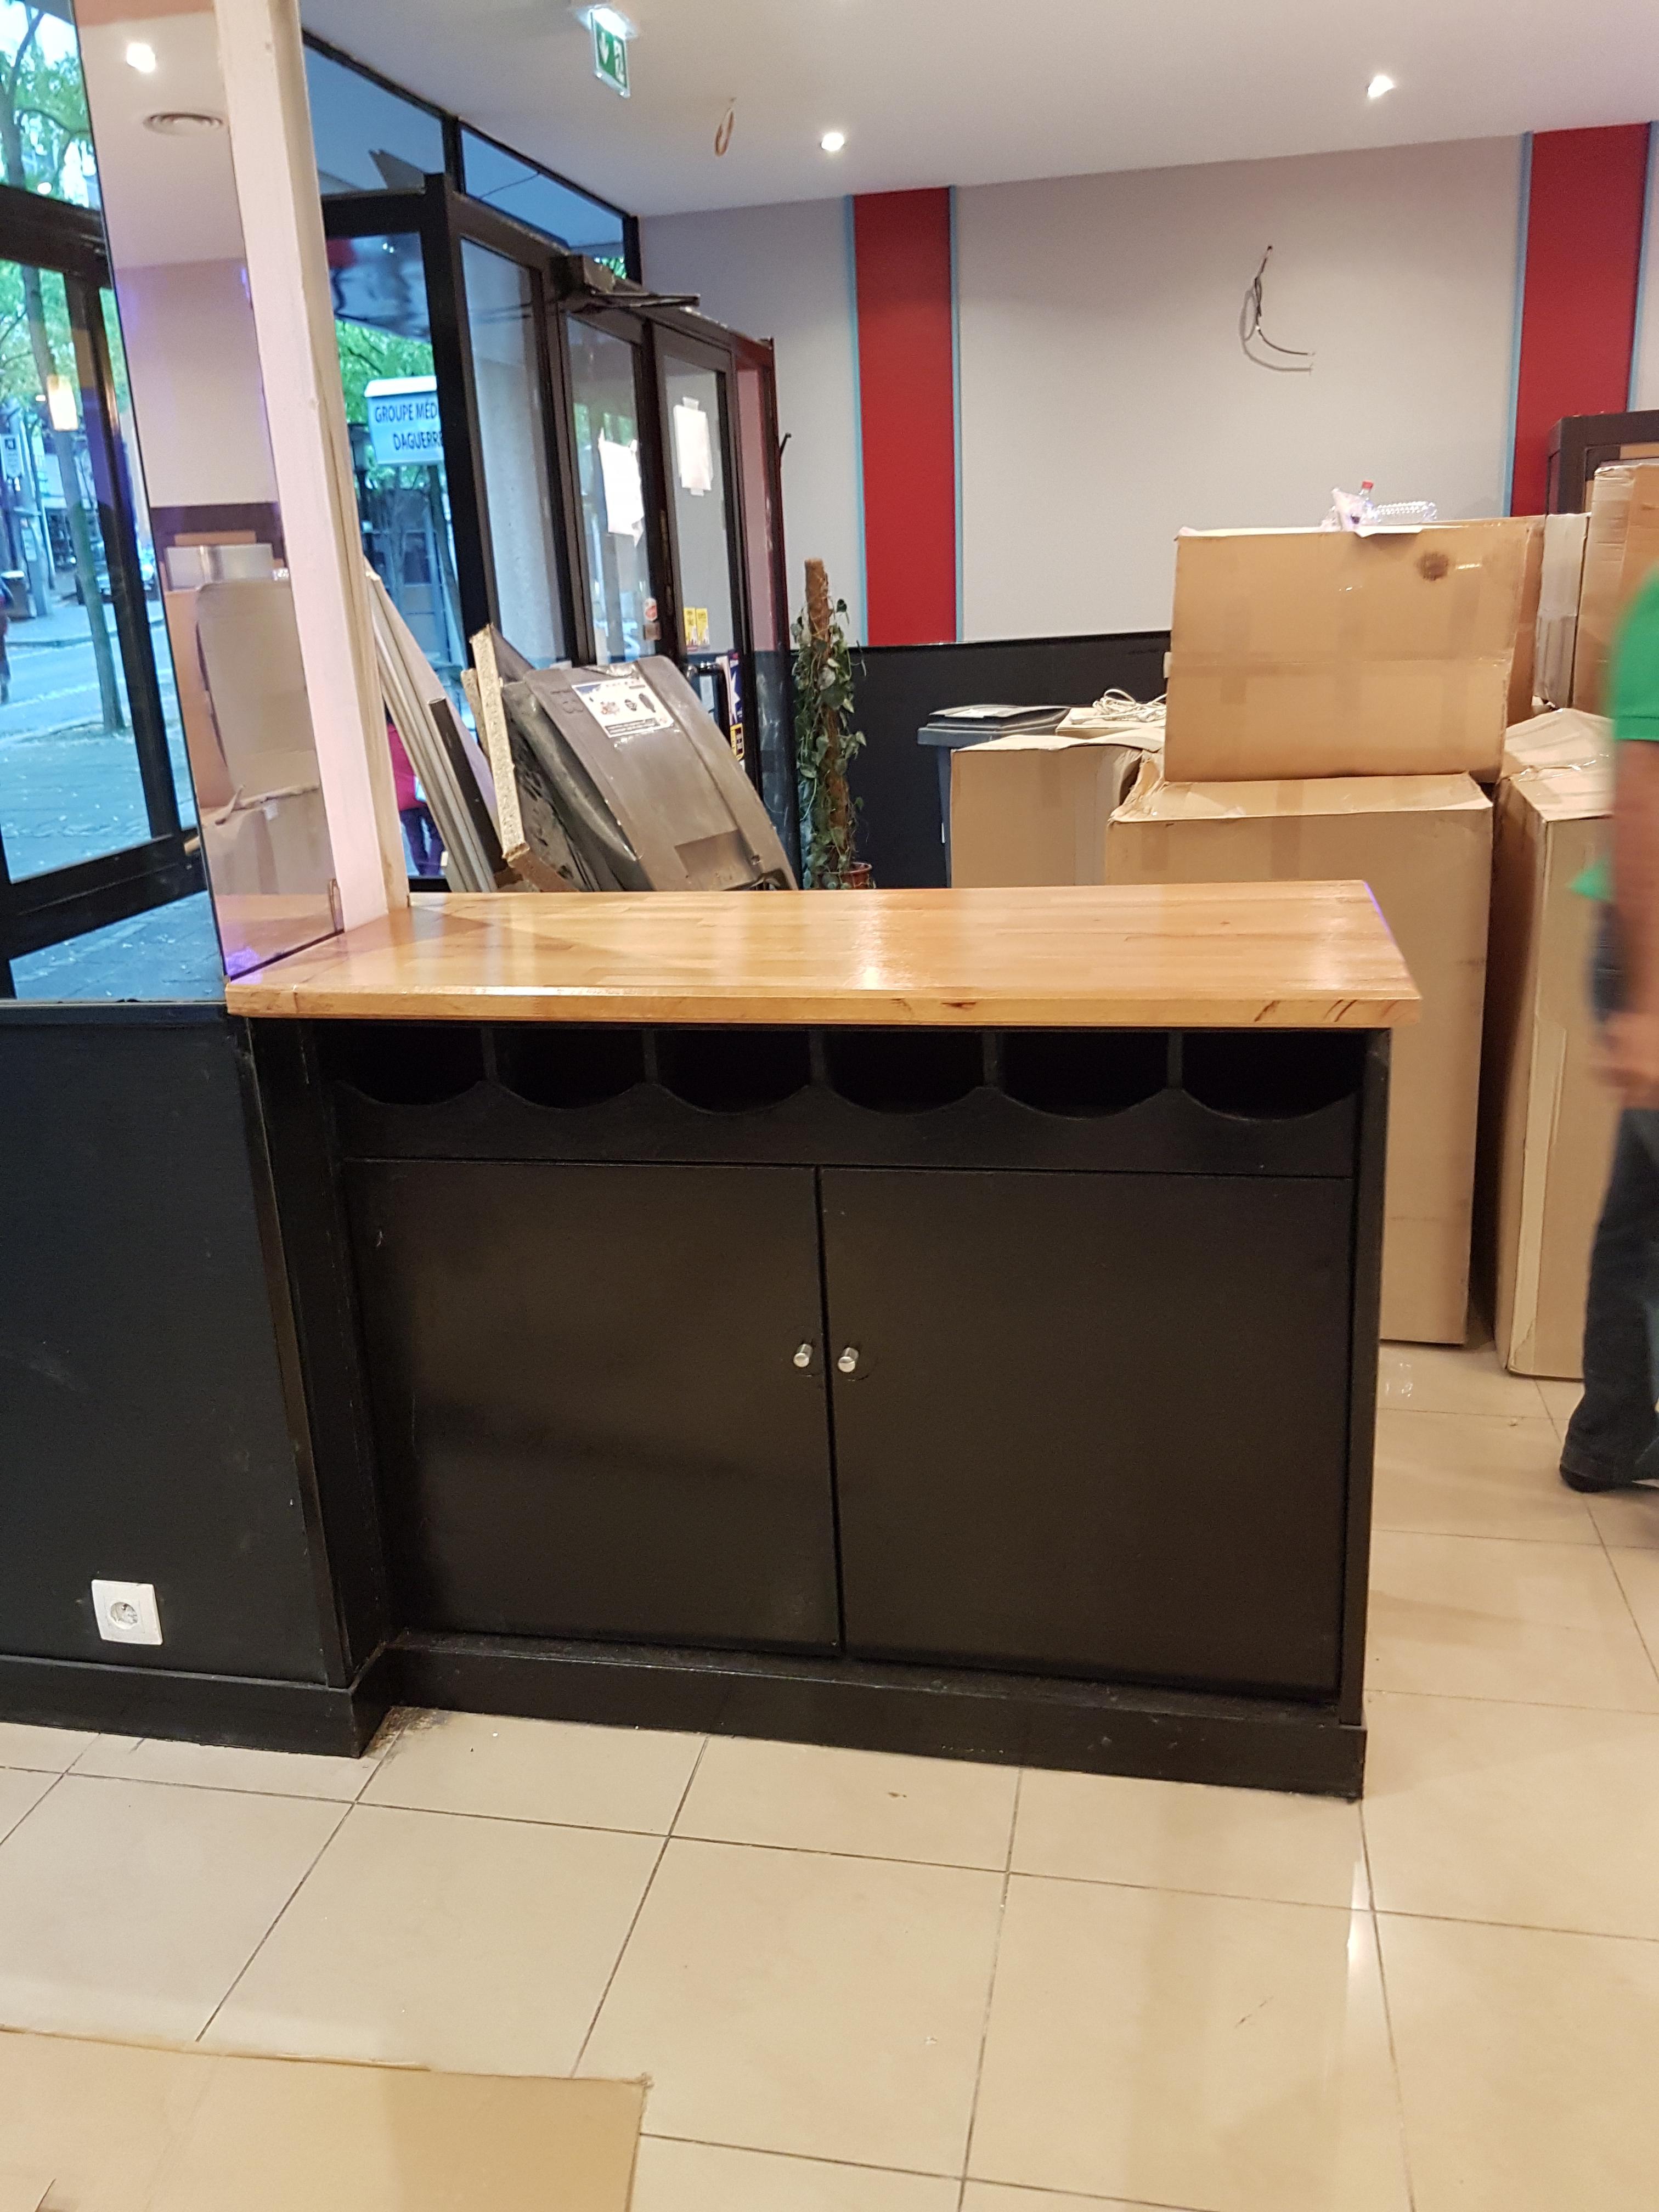 photos s7 kh 1030. Black Bedroom Furniture Sets. Home Design Ideas